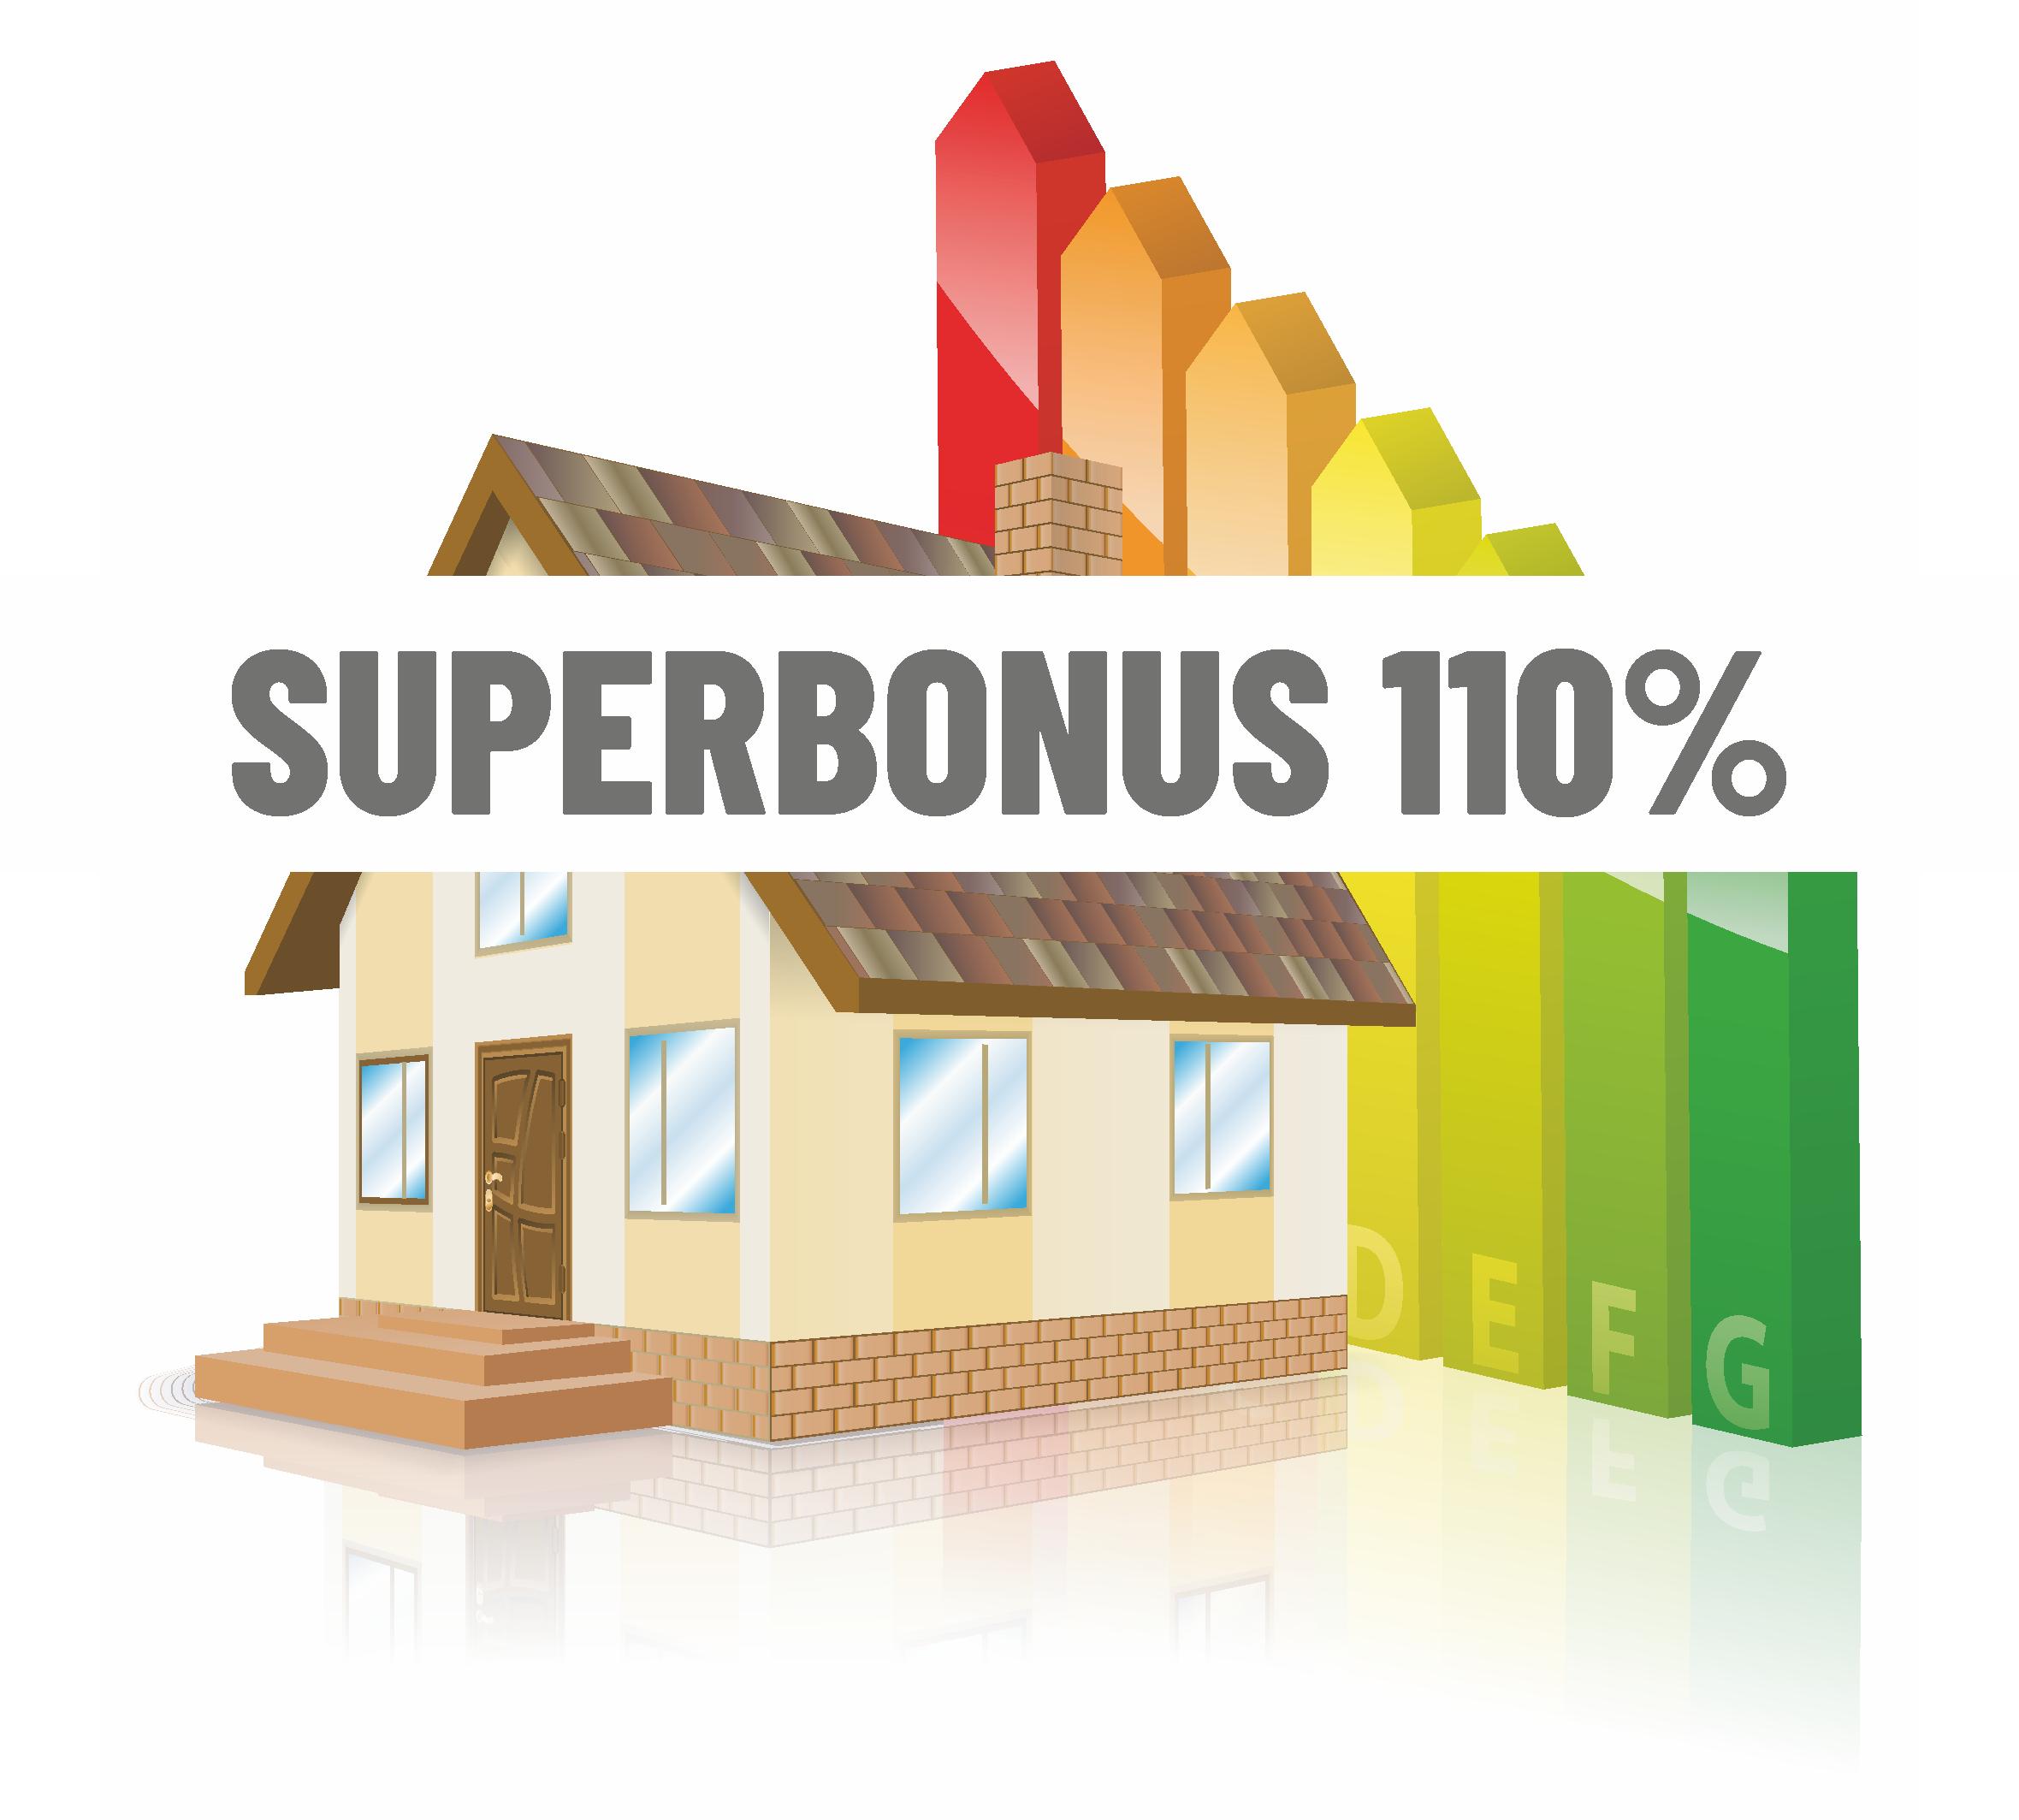 Superbonus 110%, nuovi chiarimenti dall'Agenzia delle Entrate